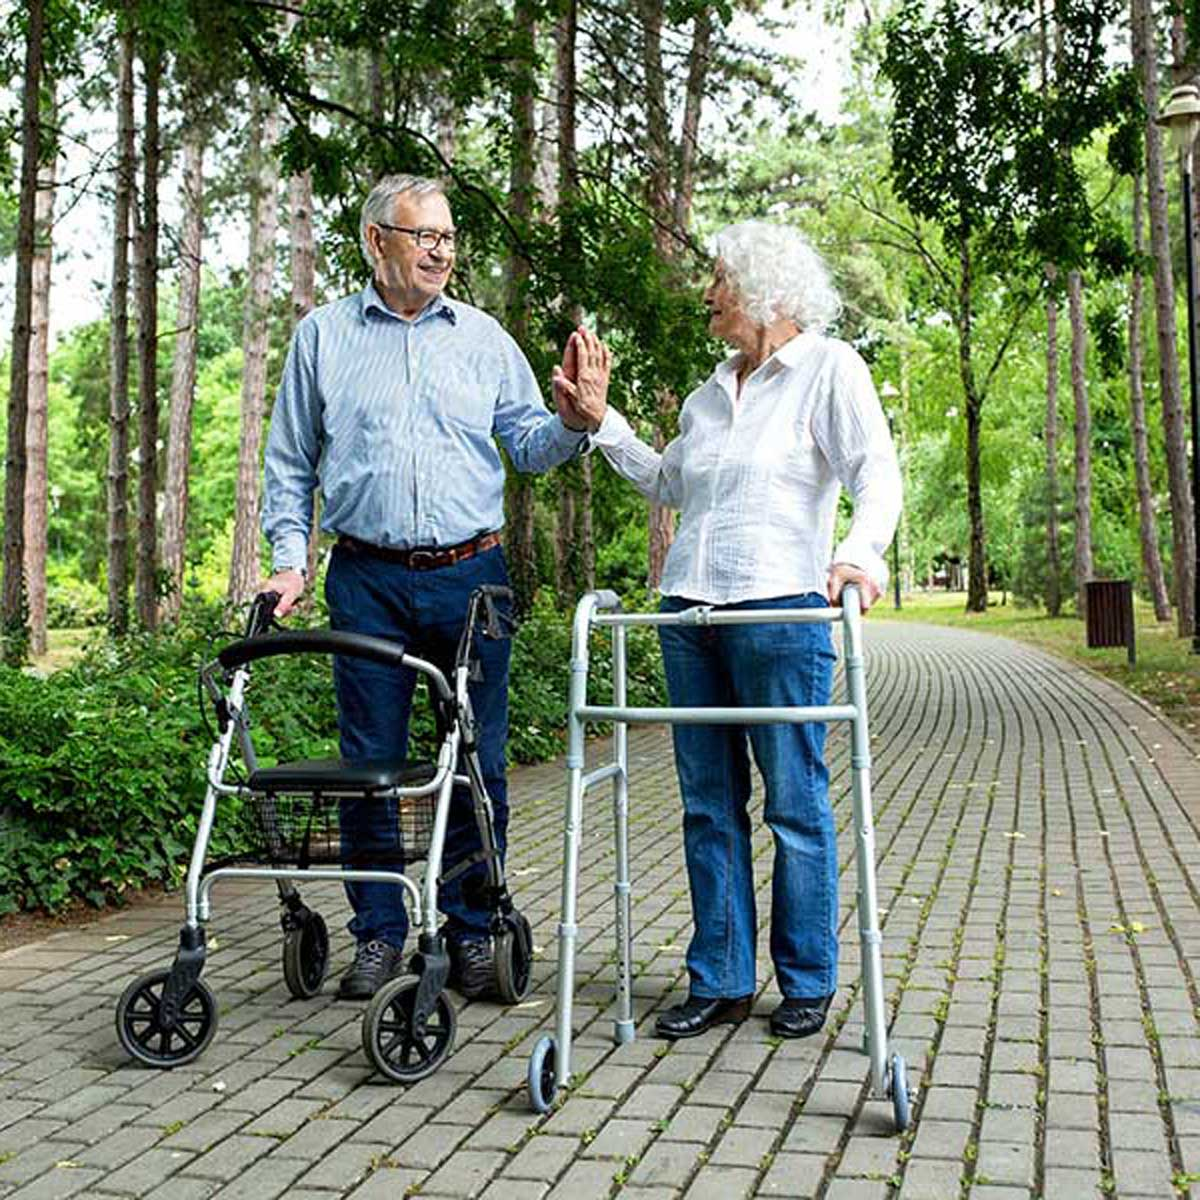 عدم تعادل و سقوط در بیماری پارکینسون